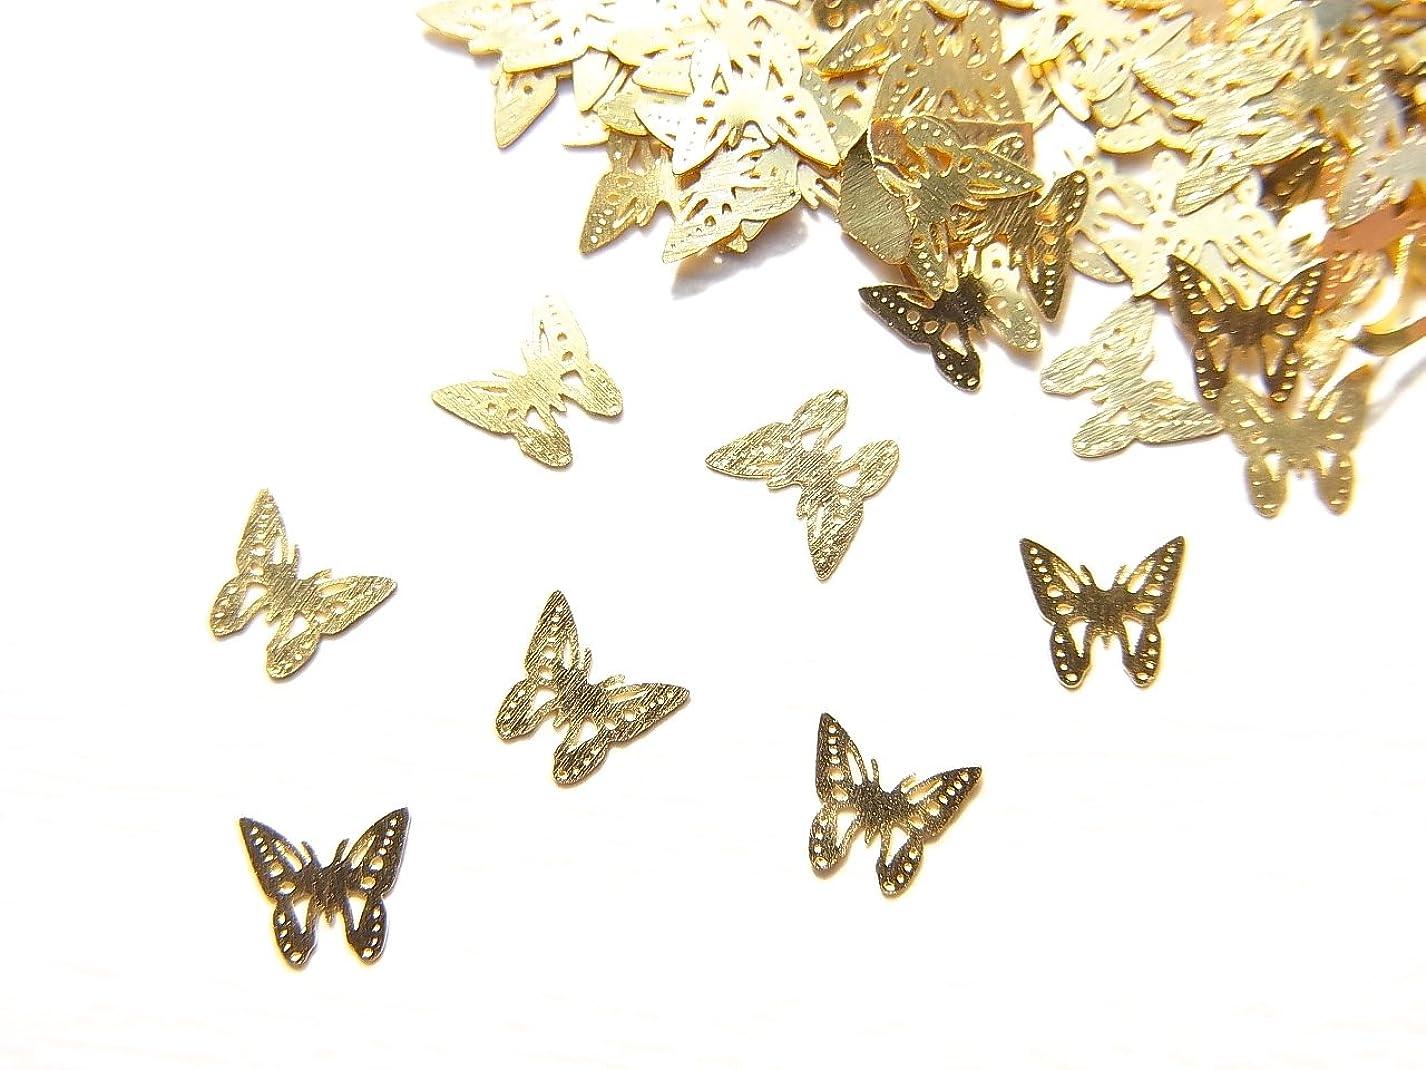 精度起業家め言葉【jewel】ug24 薄型ゴールド メタルパーツ Sサイズ バタフライ 蝶 A 10個入り ネイルアートパーツ レジンパーツ